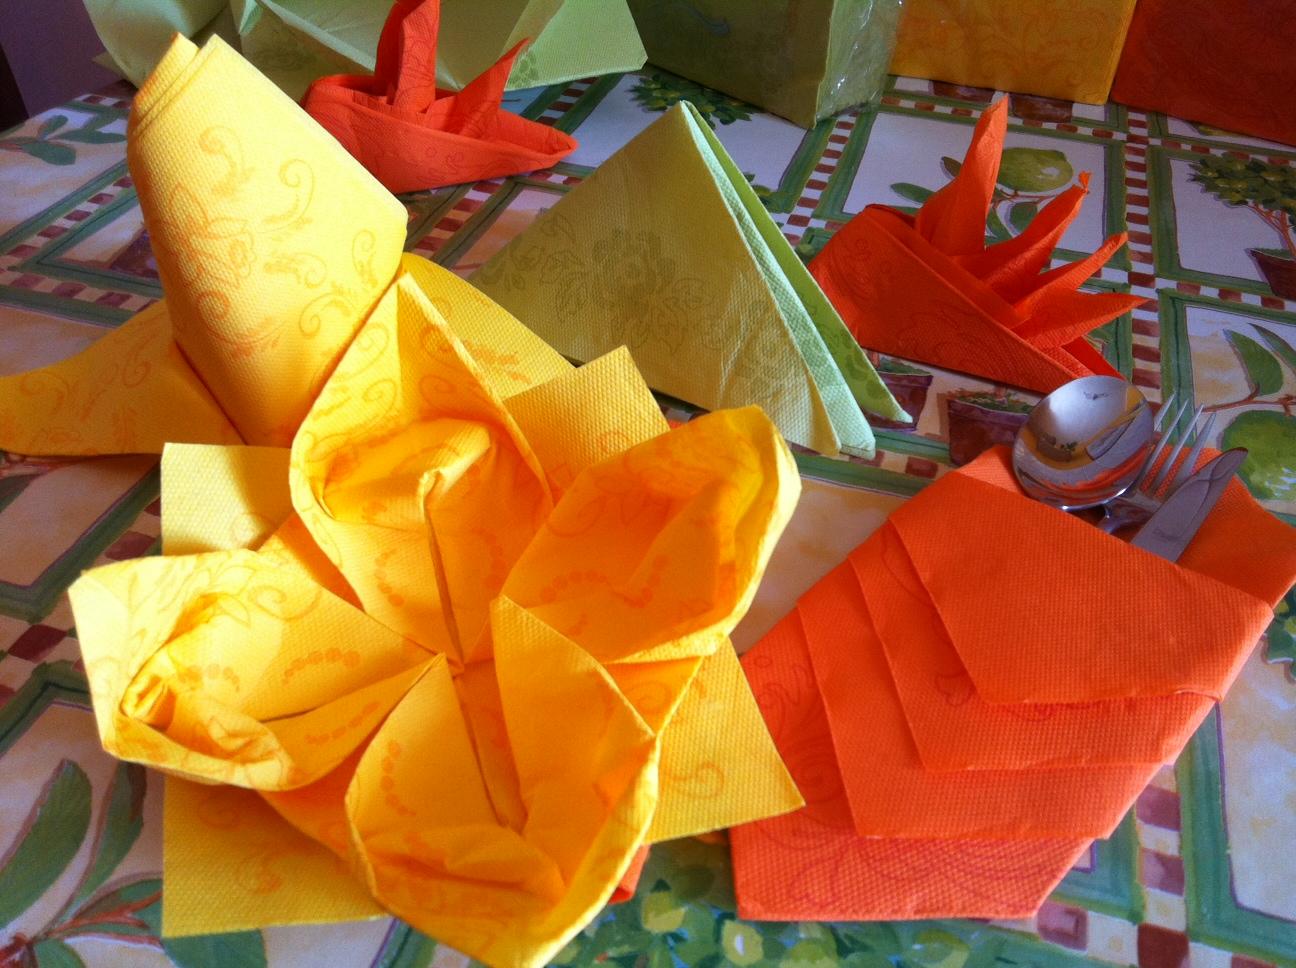 Piegare i tovaglioli di stoffa e carta video tutorial - Tovaglioli di carta decorati ...